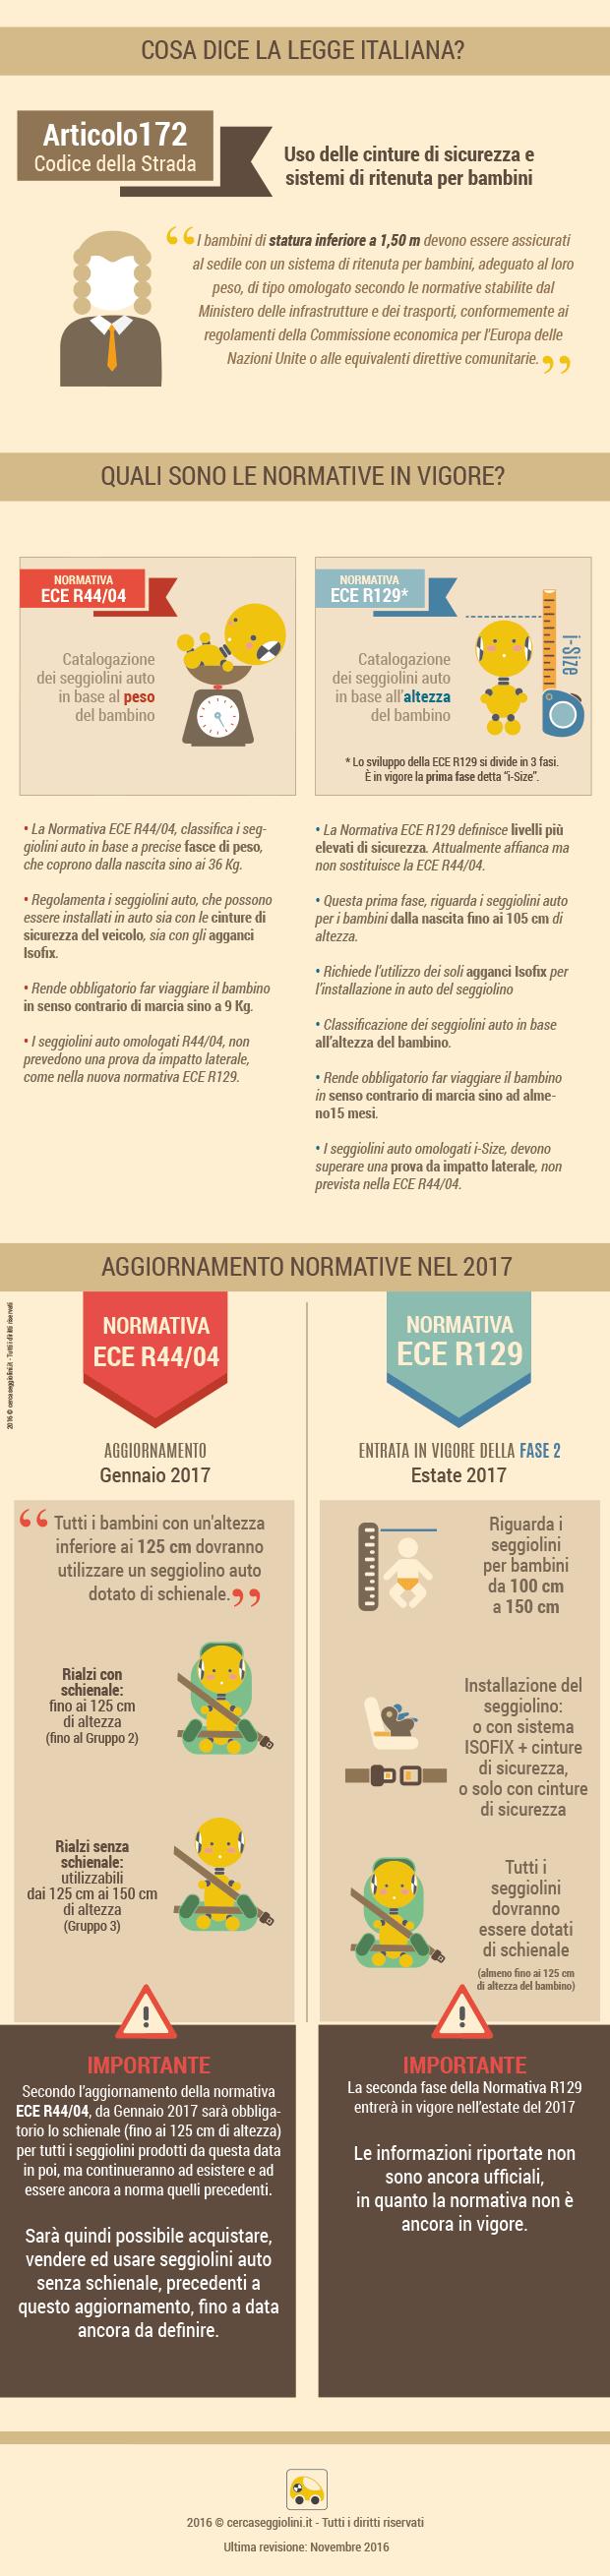 infografica-aggiornamenti-normative-2017-utilizzo-seggiolini-auto-rialzi-booster-per-bambini-cercaseggiolini